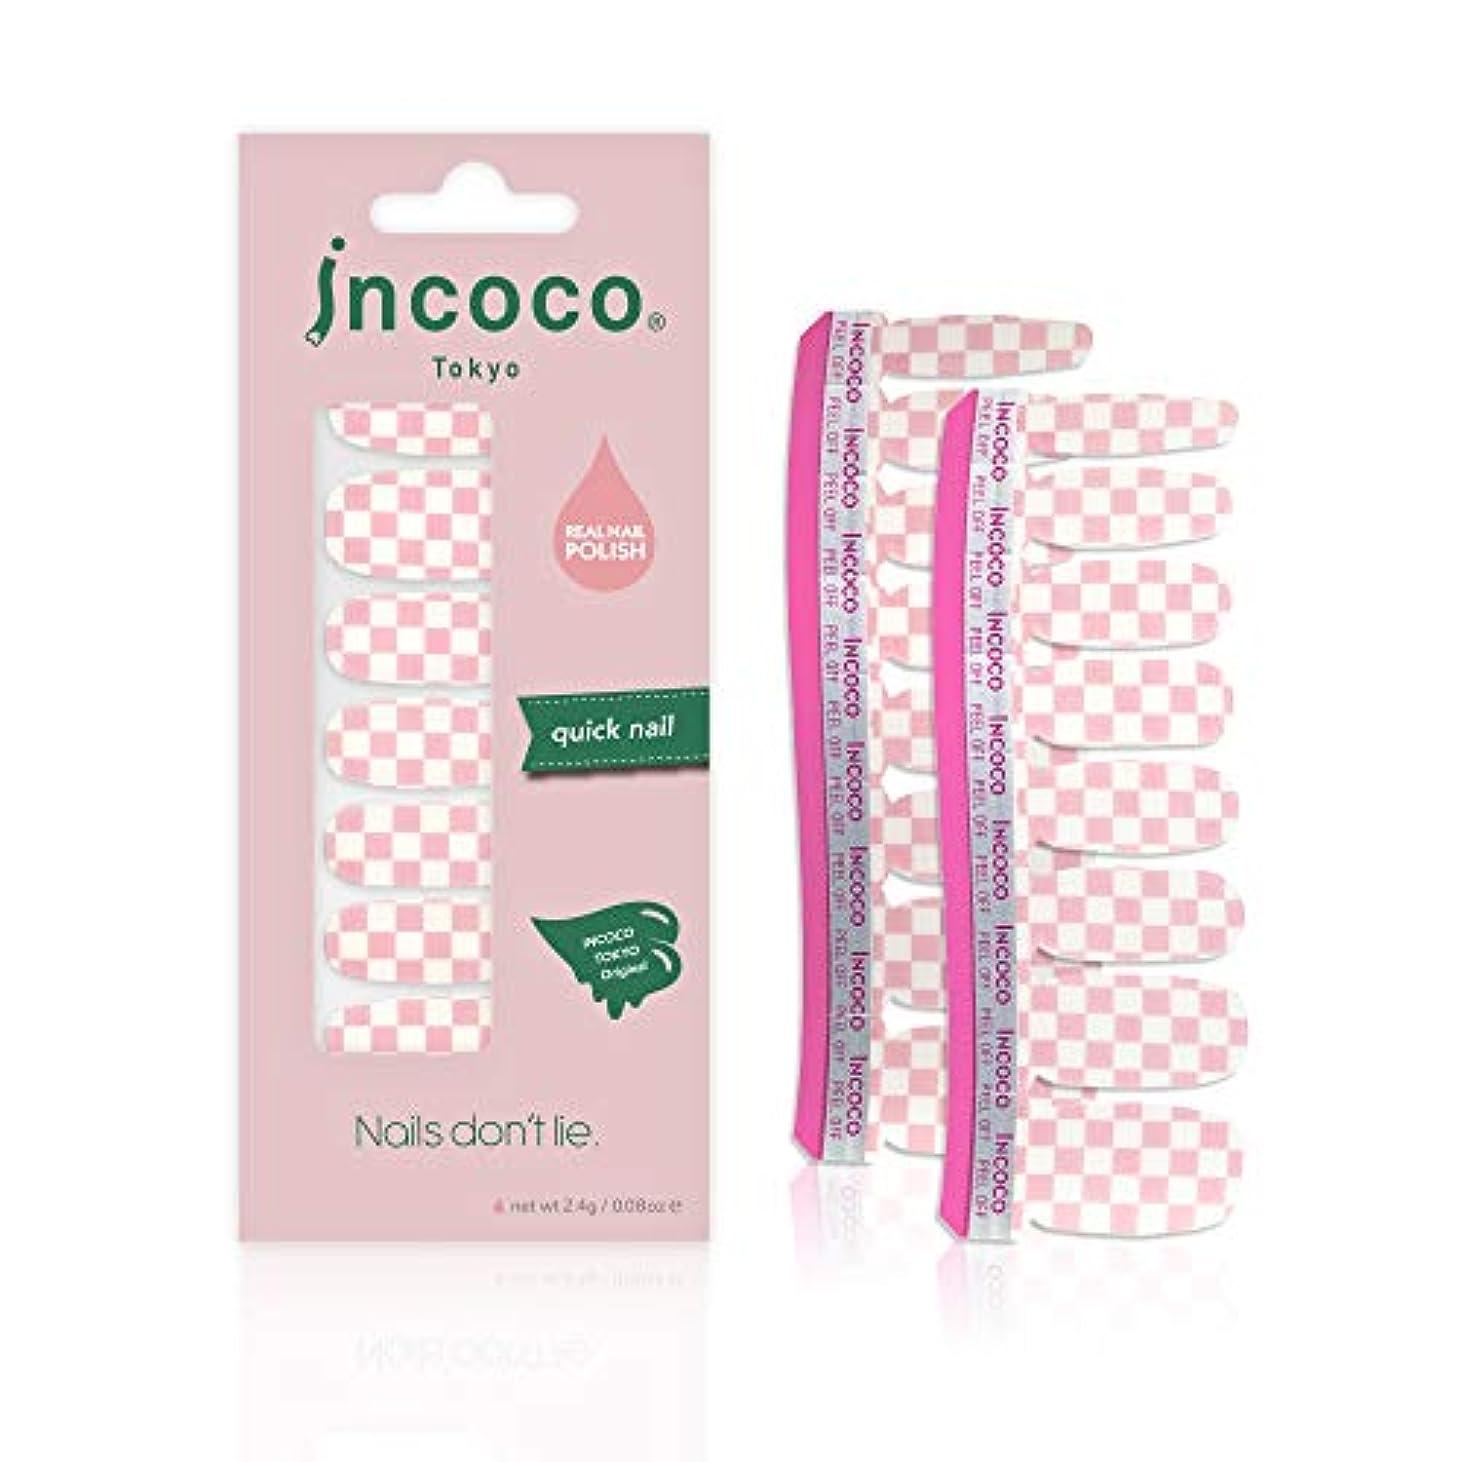 擬人予測するの慈悲でインココ トーキョー 「ピンク チェッカー」 (Pink Checker)